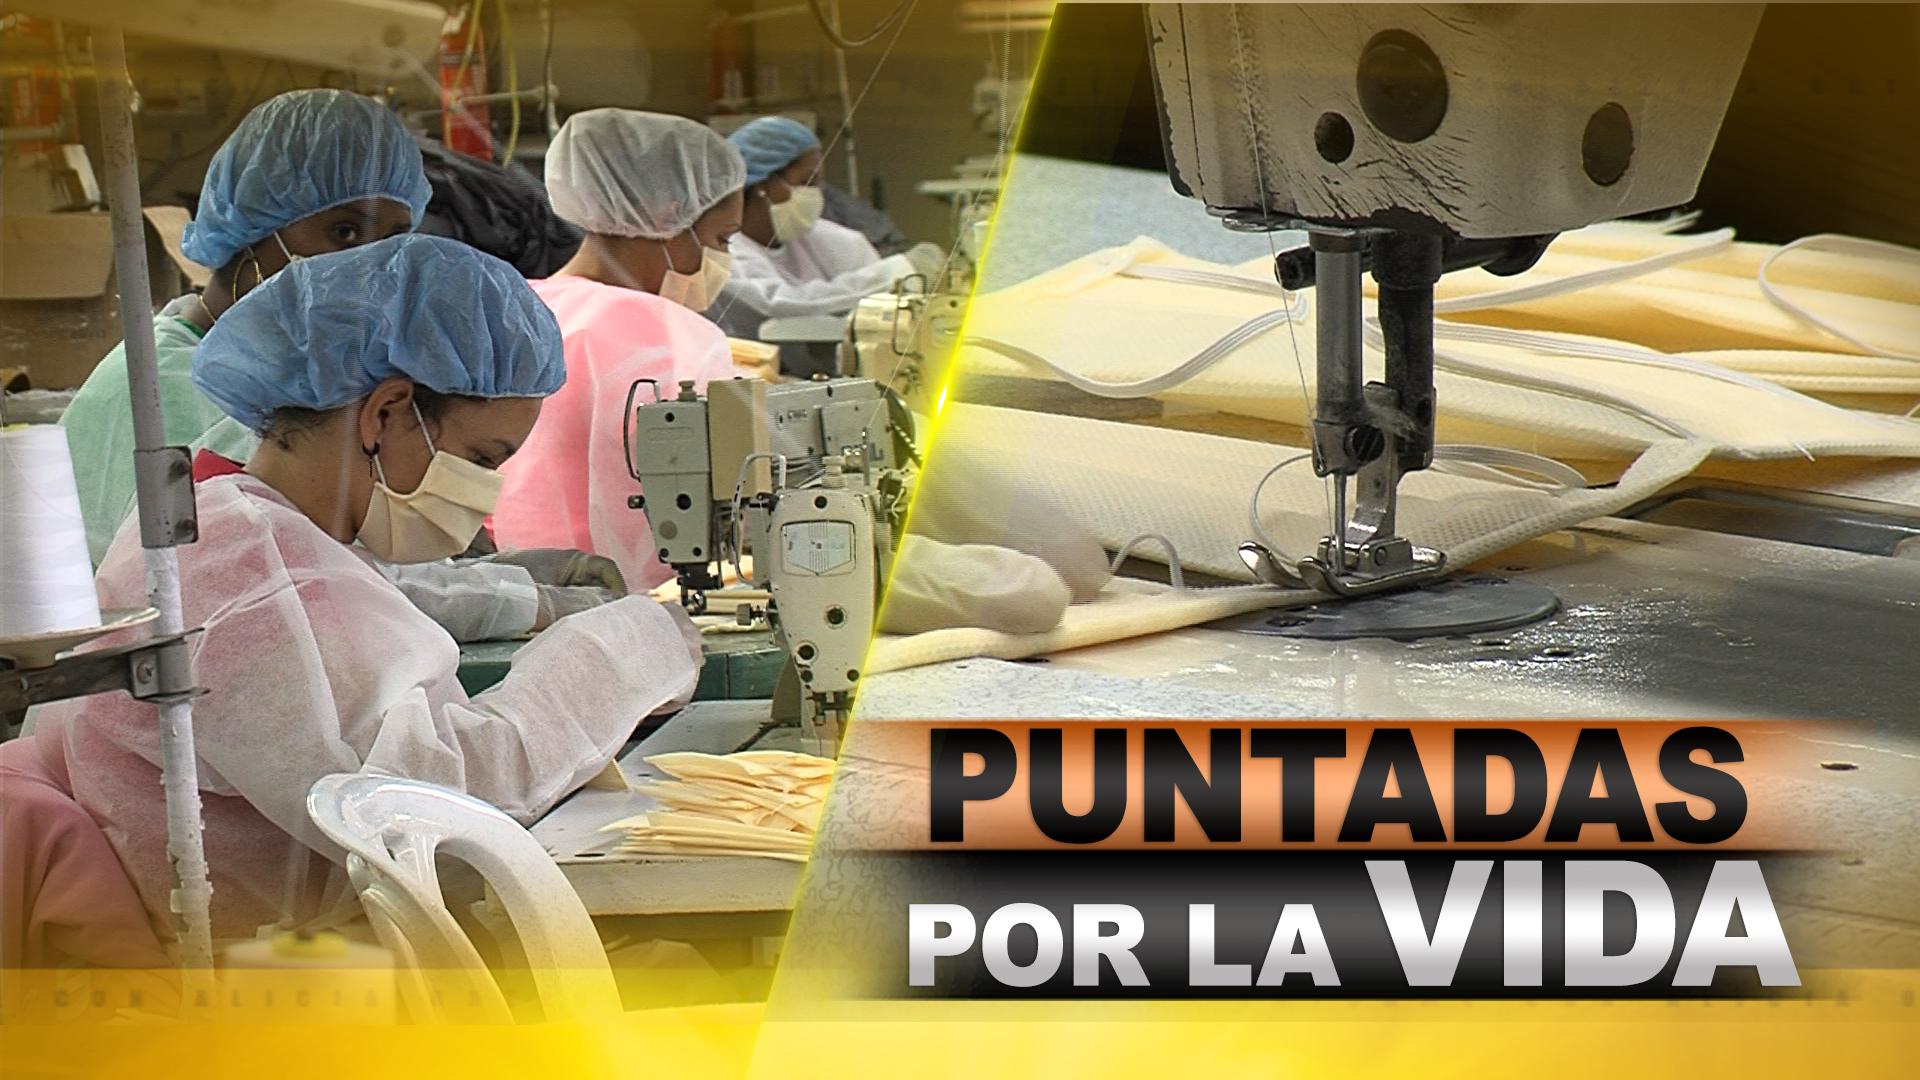 Industria militar elabora utensilios para combatir coronavirus